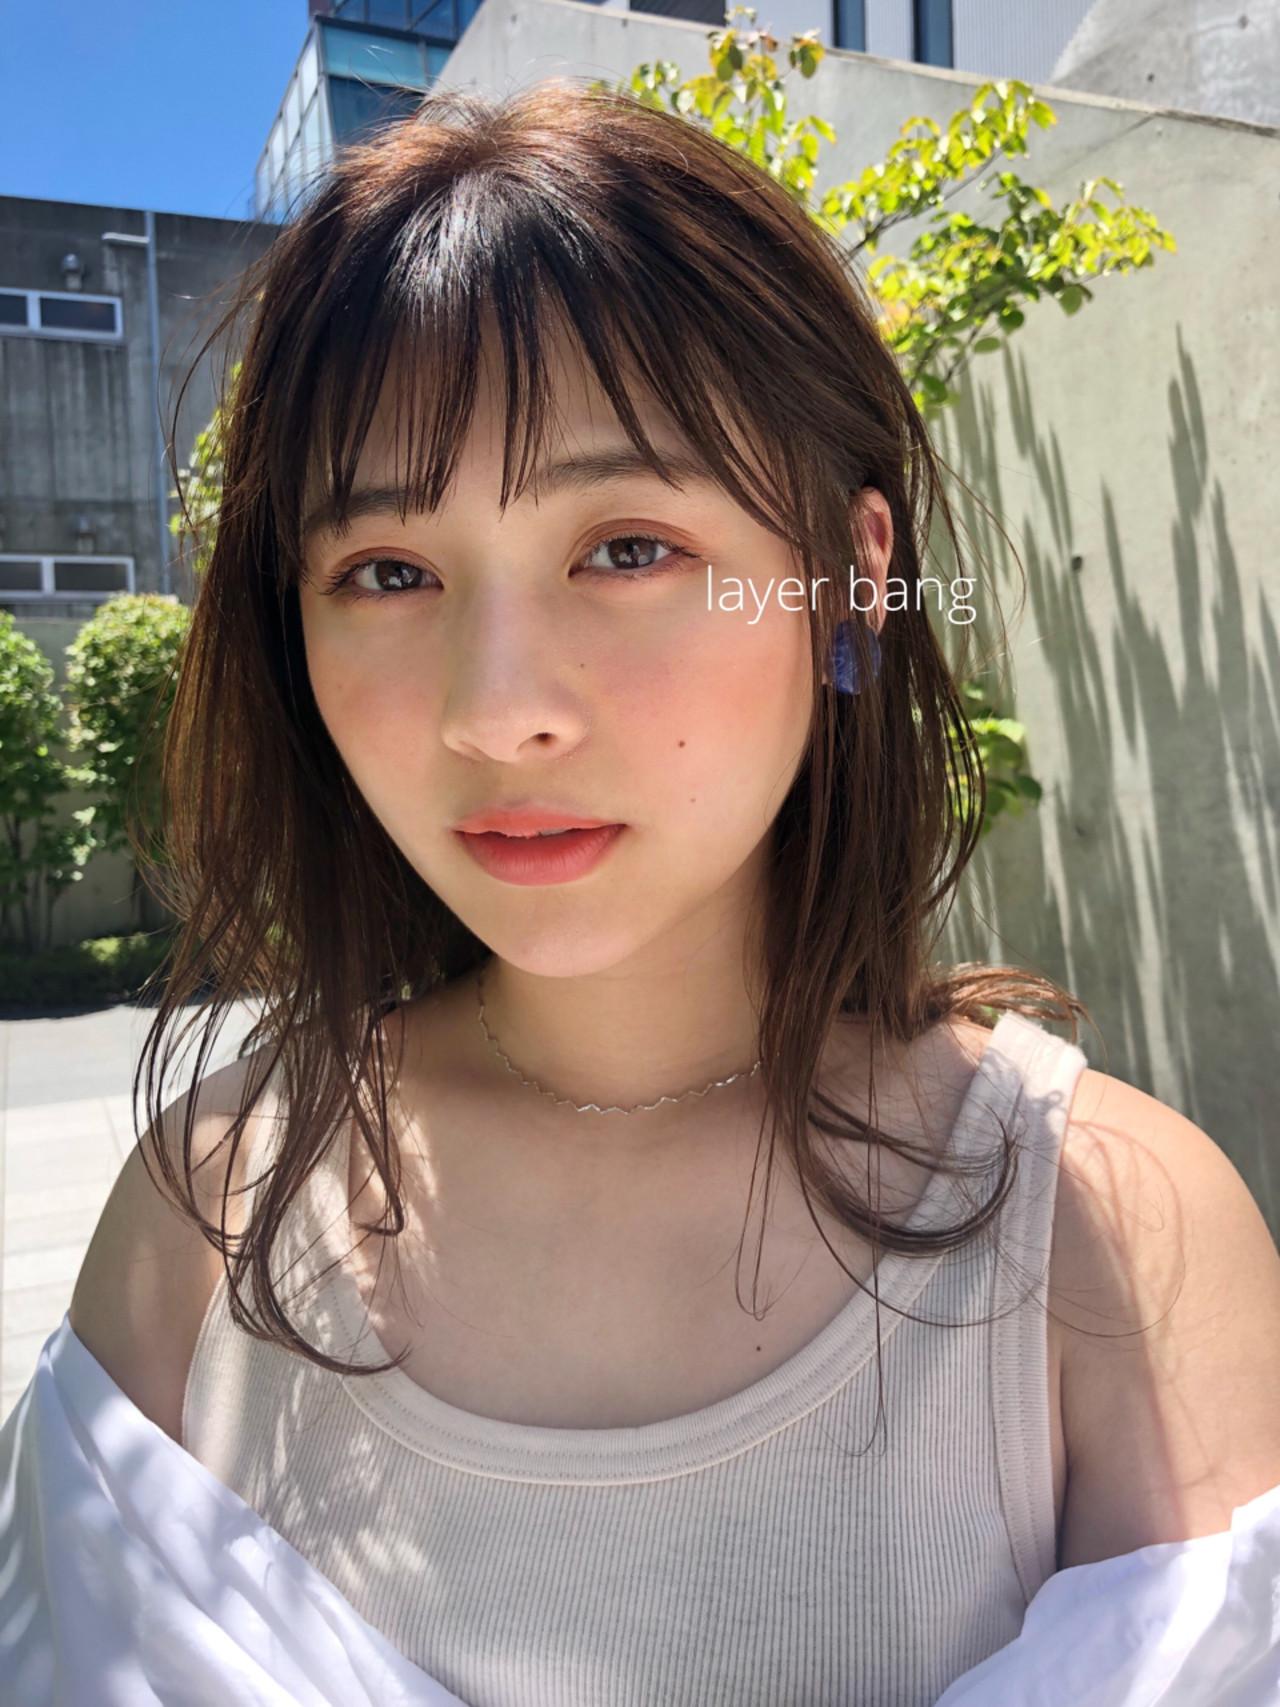 レイヤーカット 前髪あり ミディアム ナチュラル ヘアスタイルや髪型の写真・画像